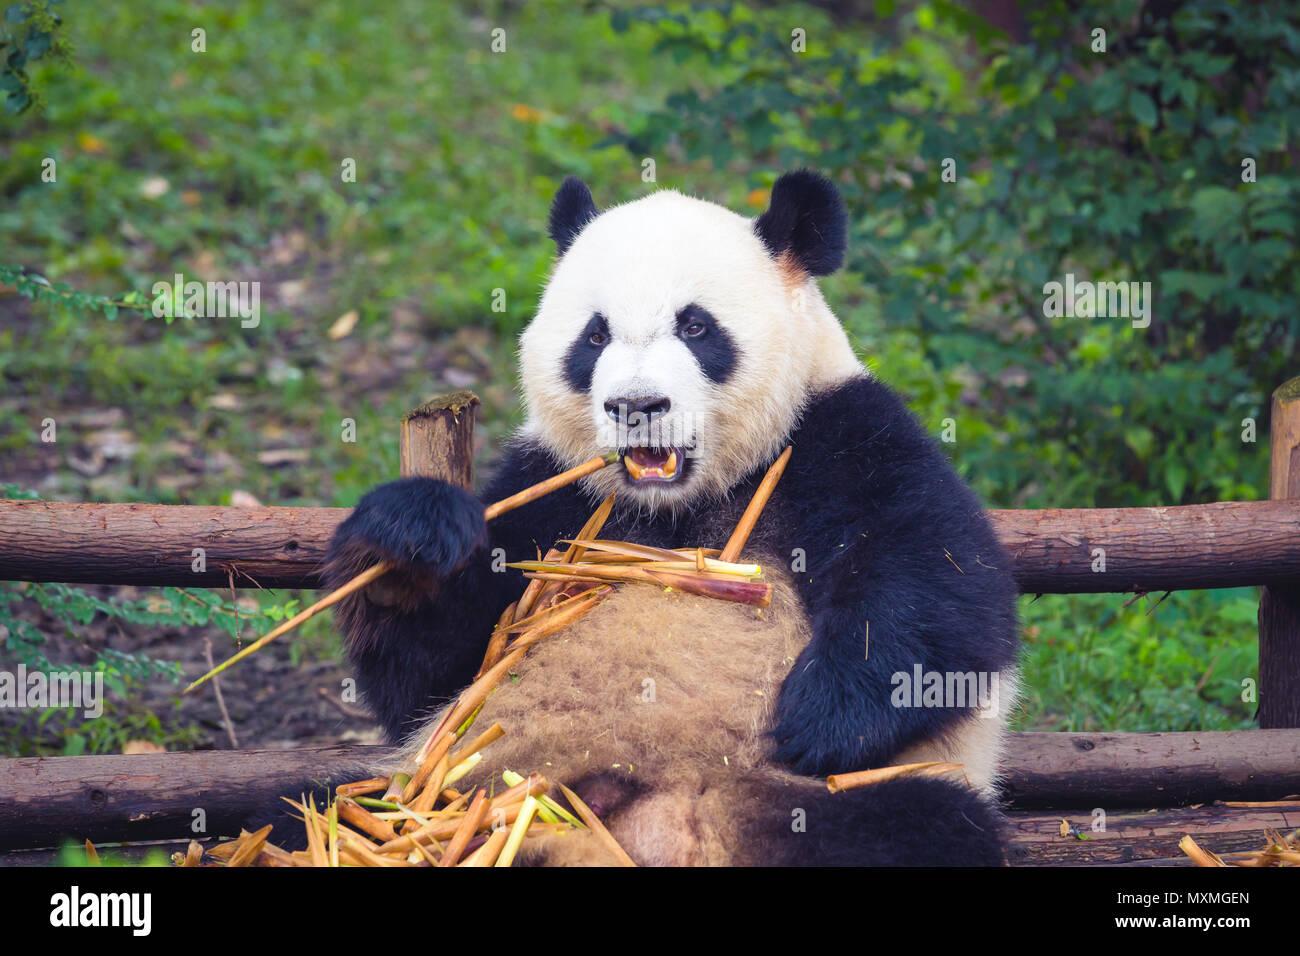 Panda Essen Bambus Liegen Auf Holz In Chengdu Bei Tag Provinz